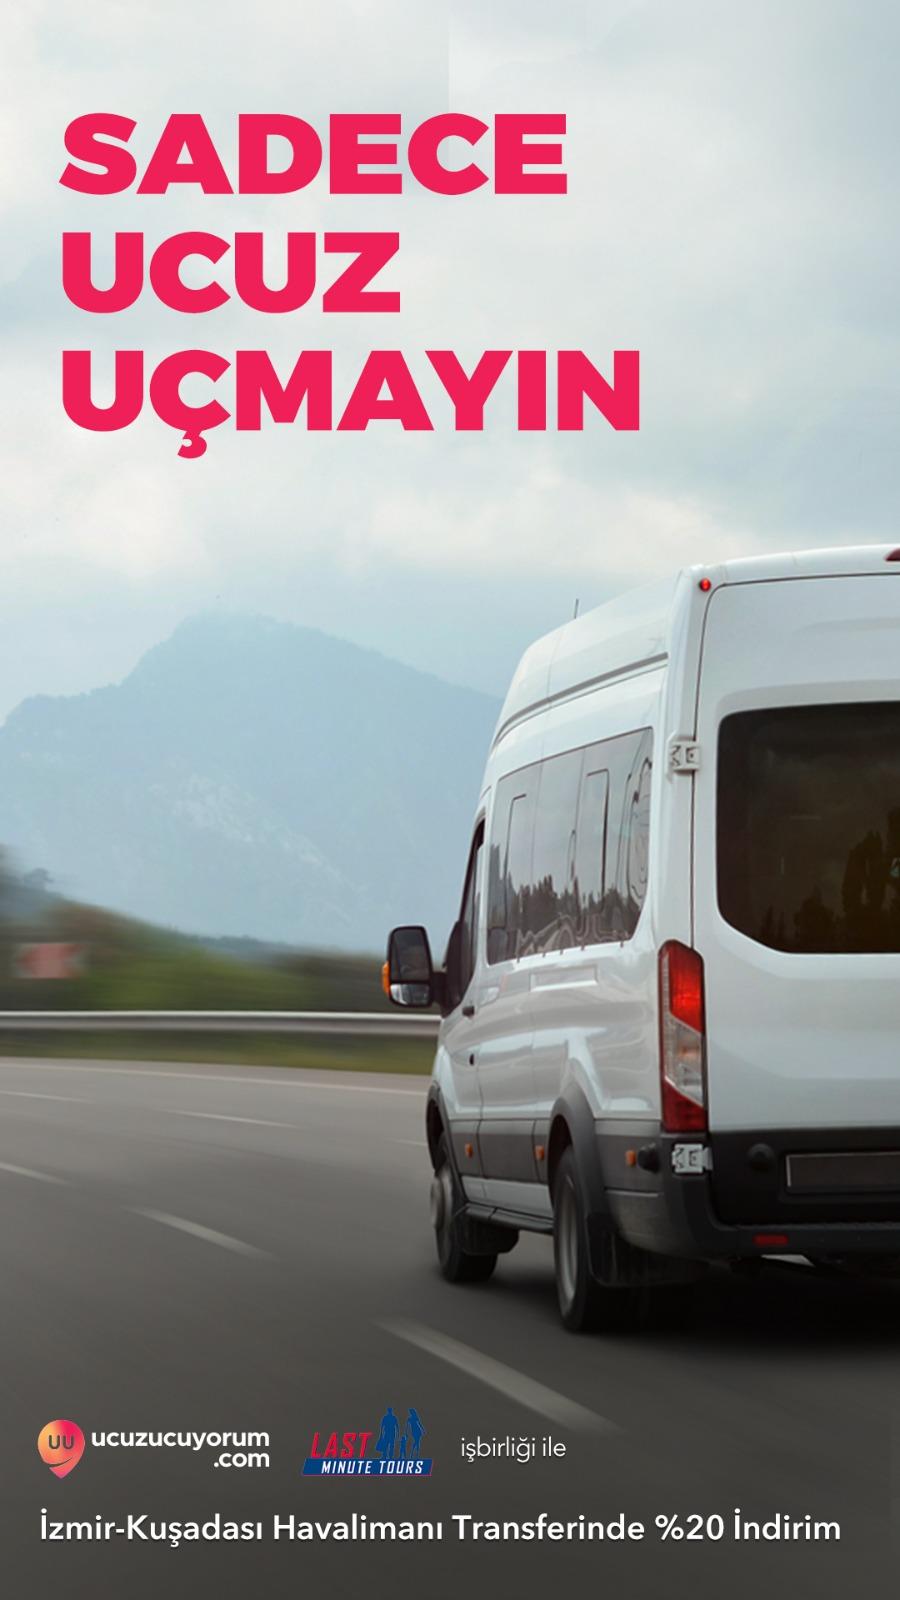 İzmir-Kuşadası Havalimanı Transferinde İndirim